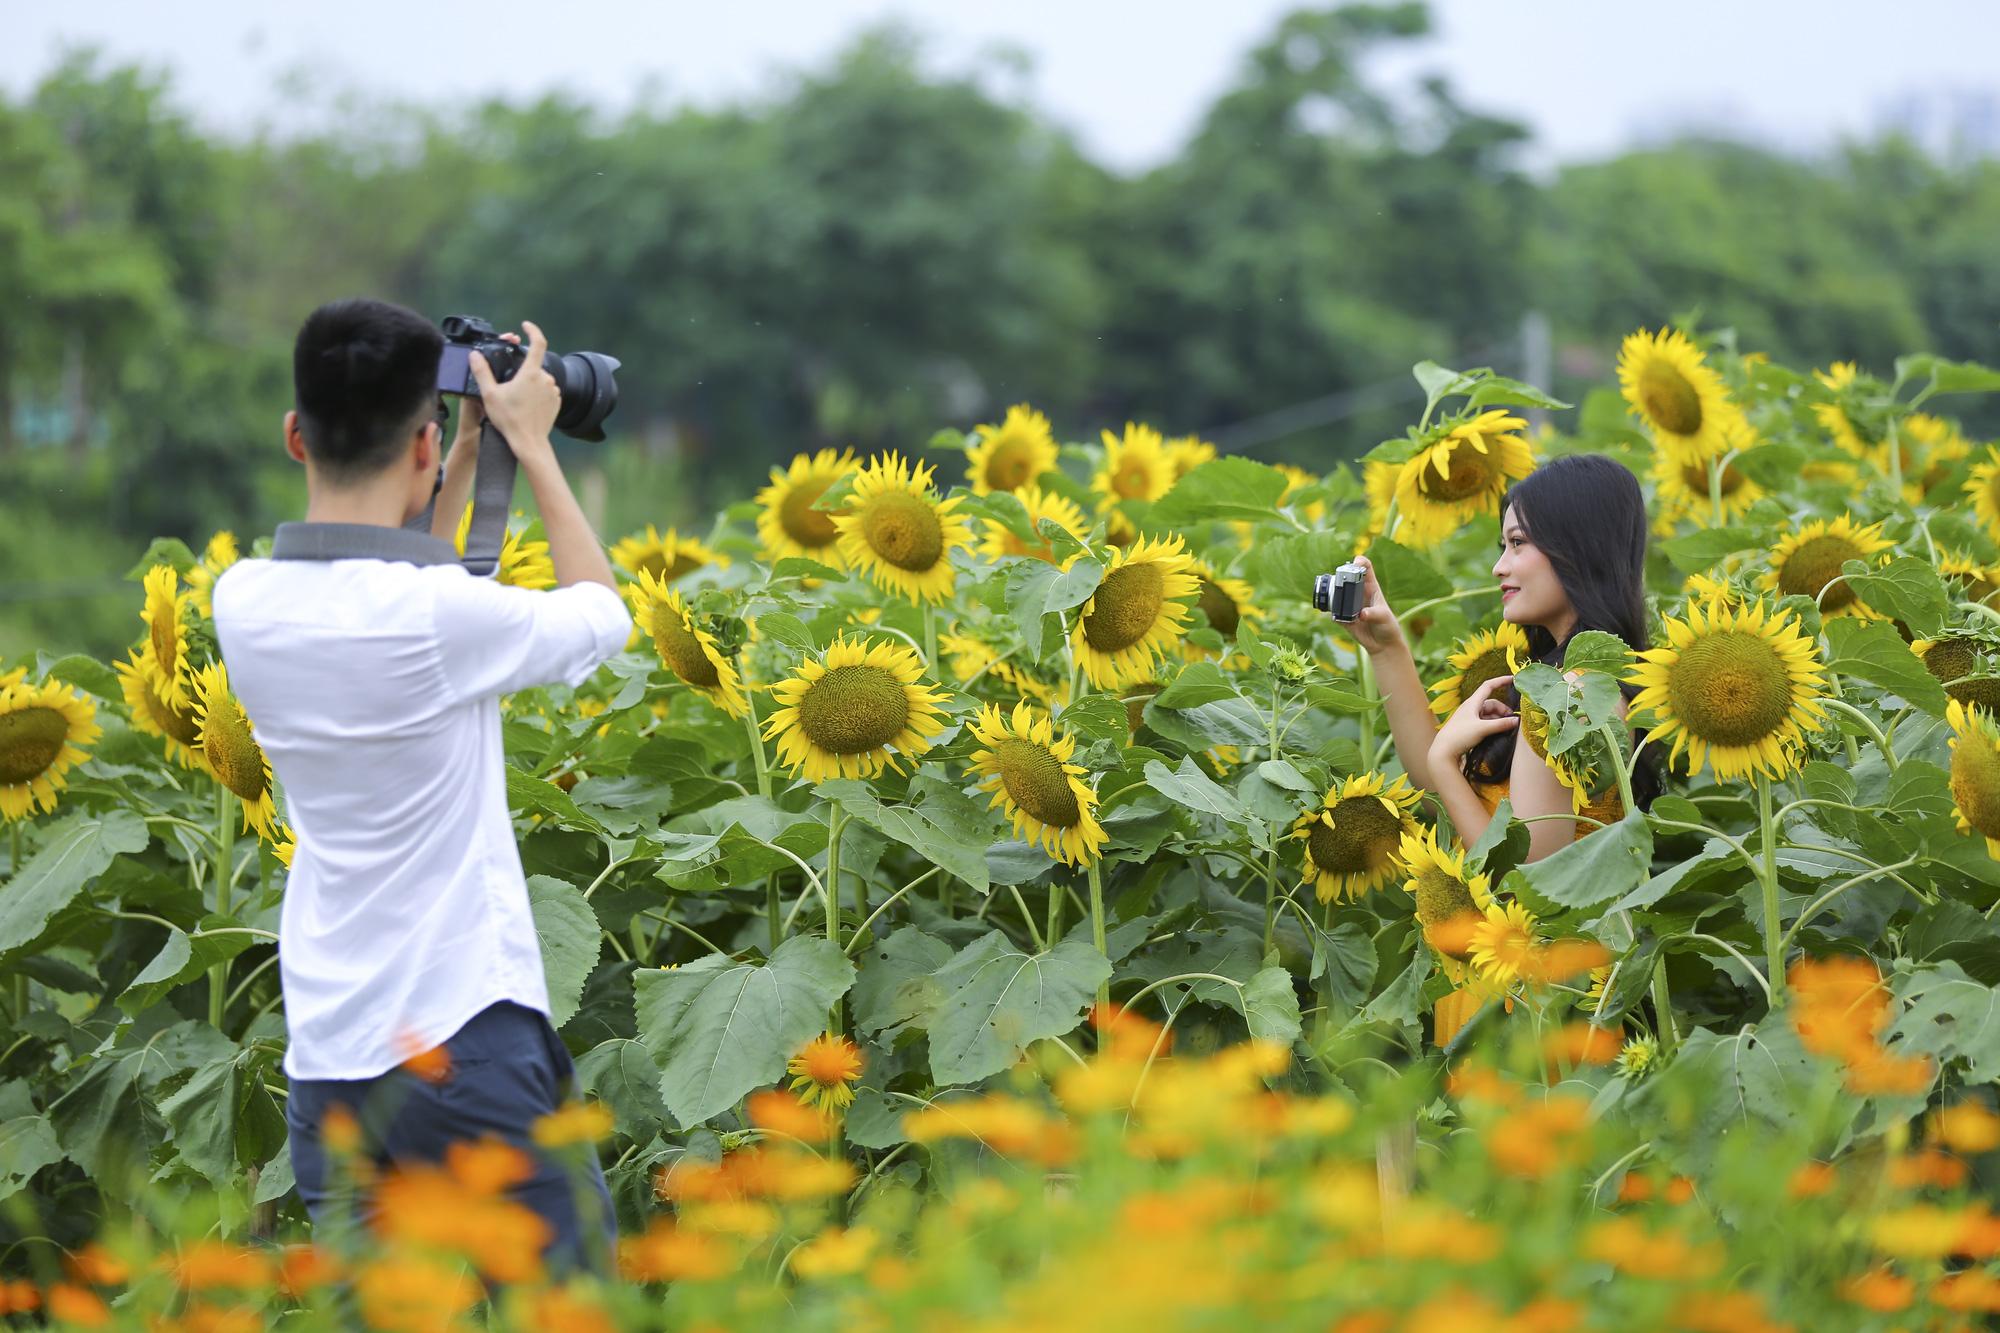 Hoa hướng dương tuyệt đẹp, giới trẻ đổ xô đến chụp ảnh - Ảnh 6.